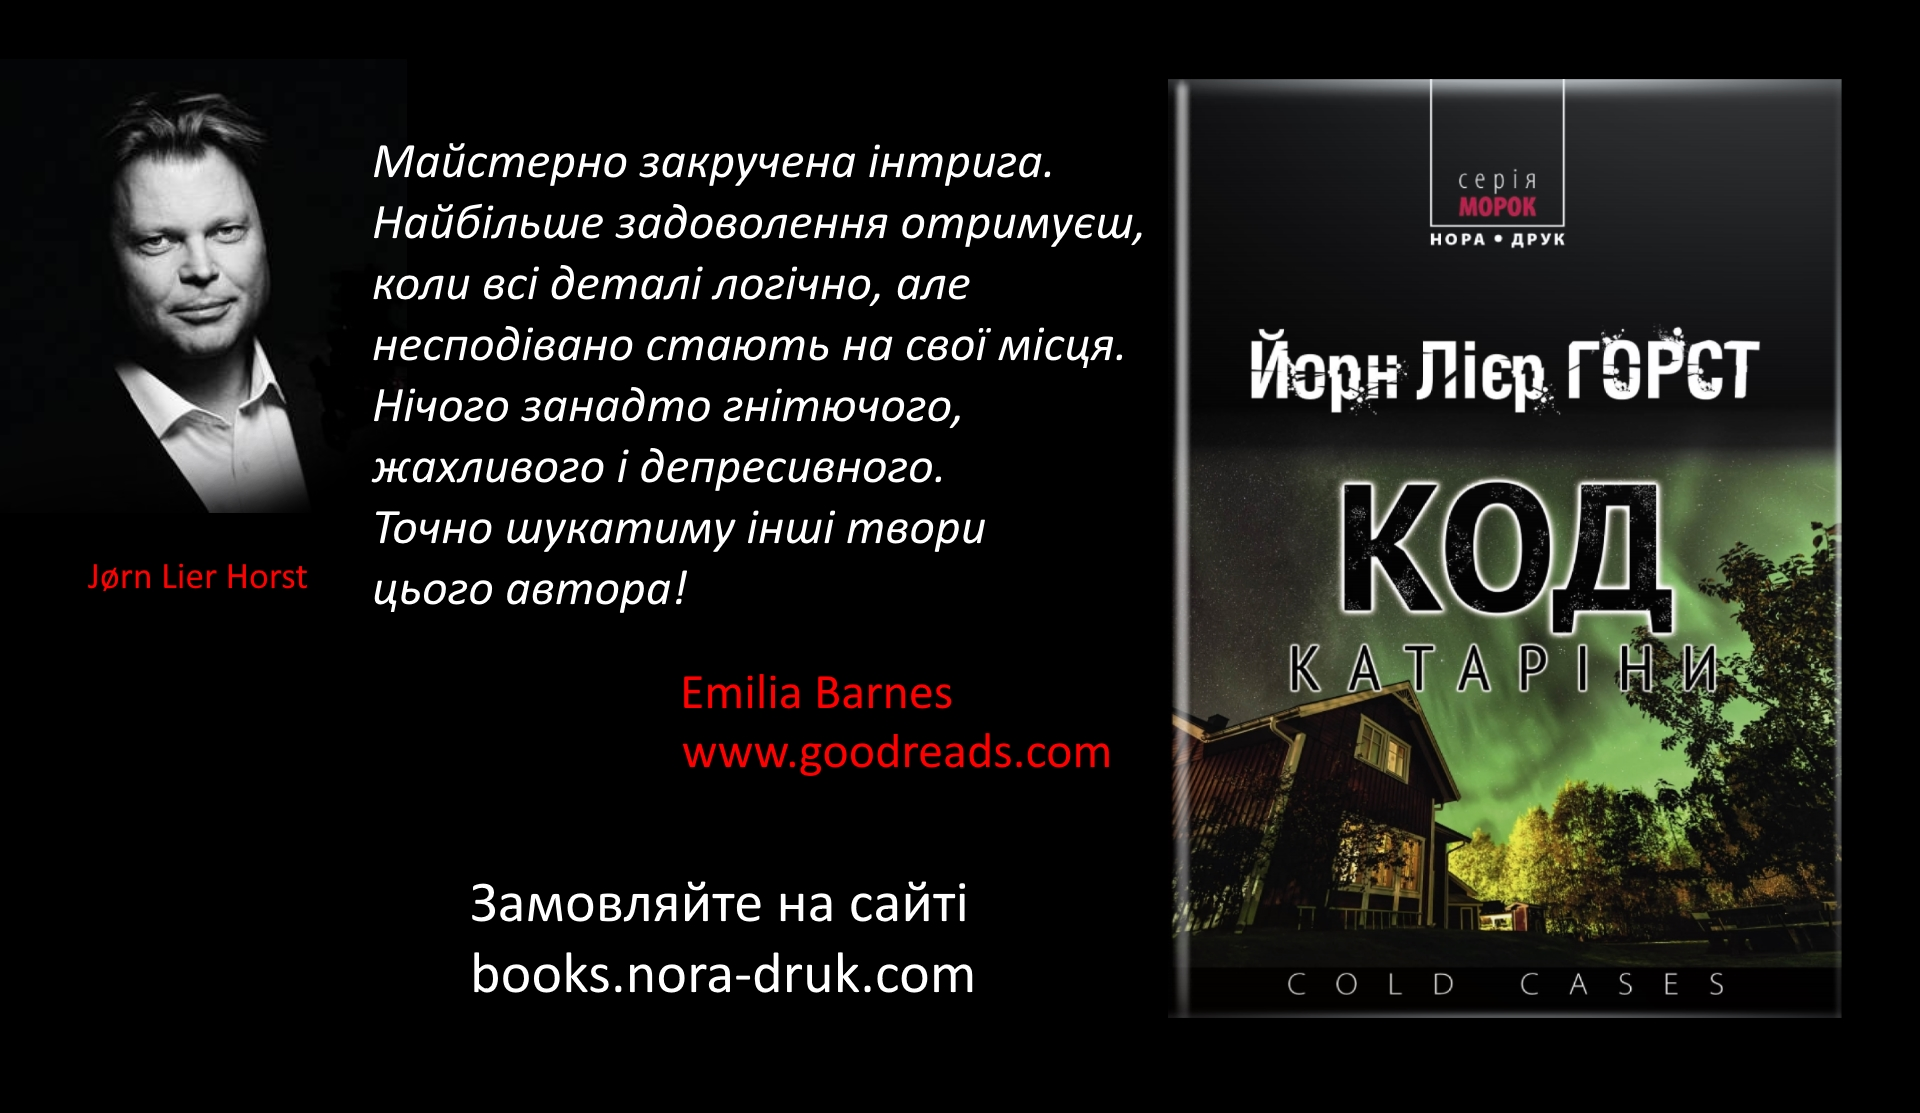 Книжки Горста в Норвегії продаються в книгарнях кожні 15 секун!